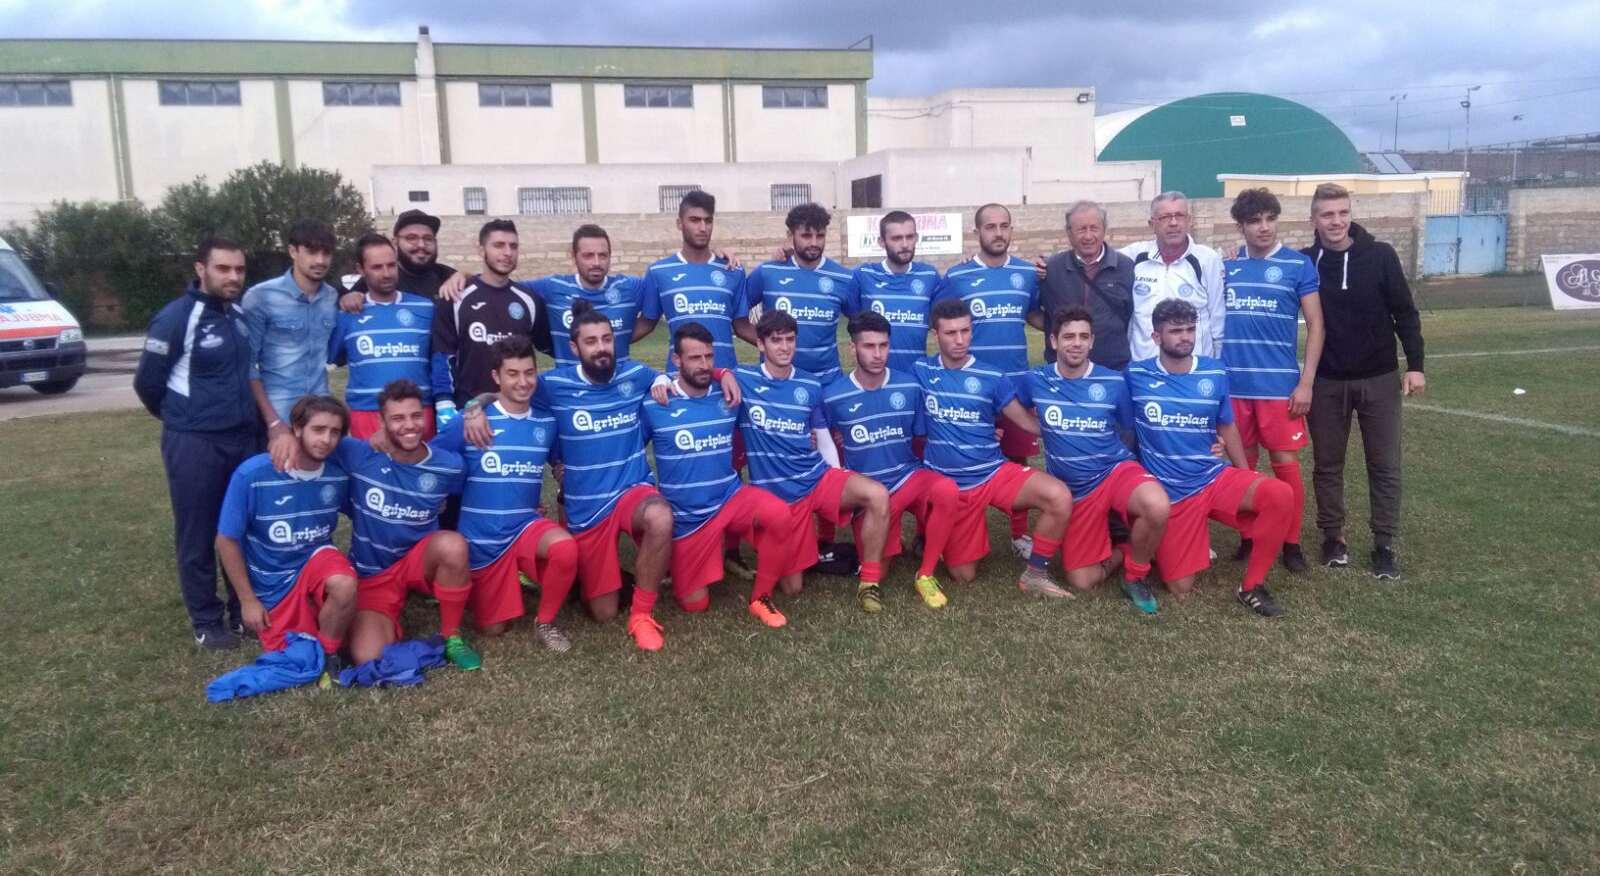 Calcio, 2ª Categoria: Atletico beffato in rimonta, a Priolo arriva un altro k.o.